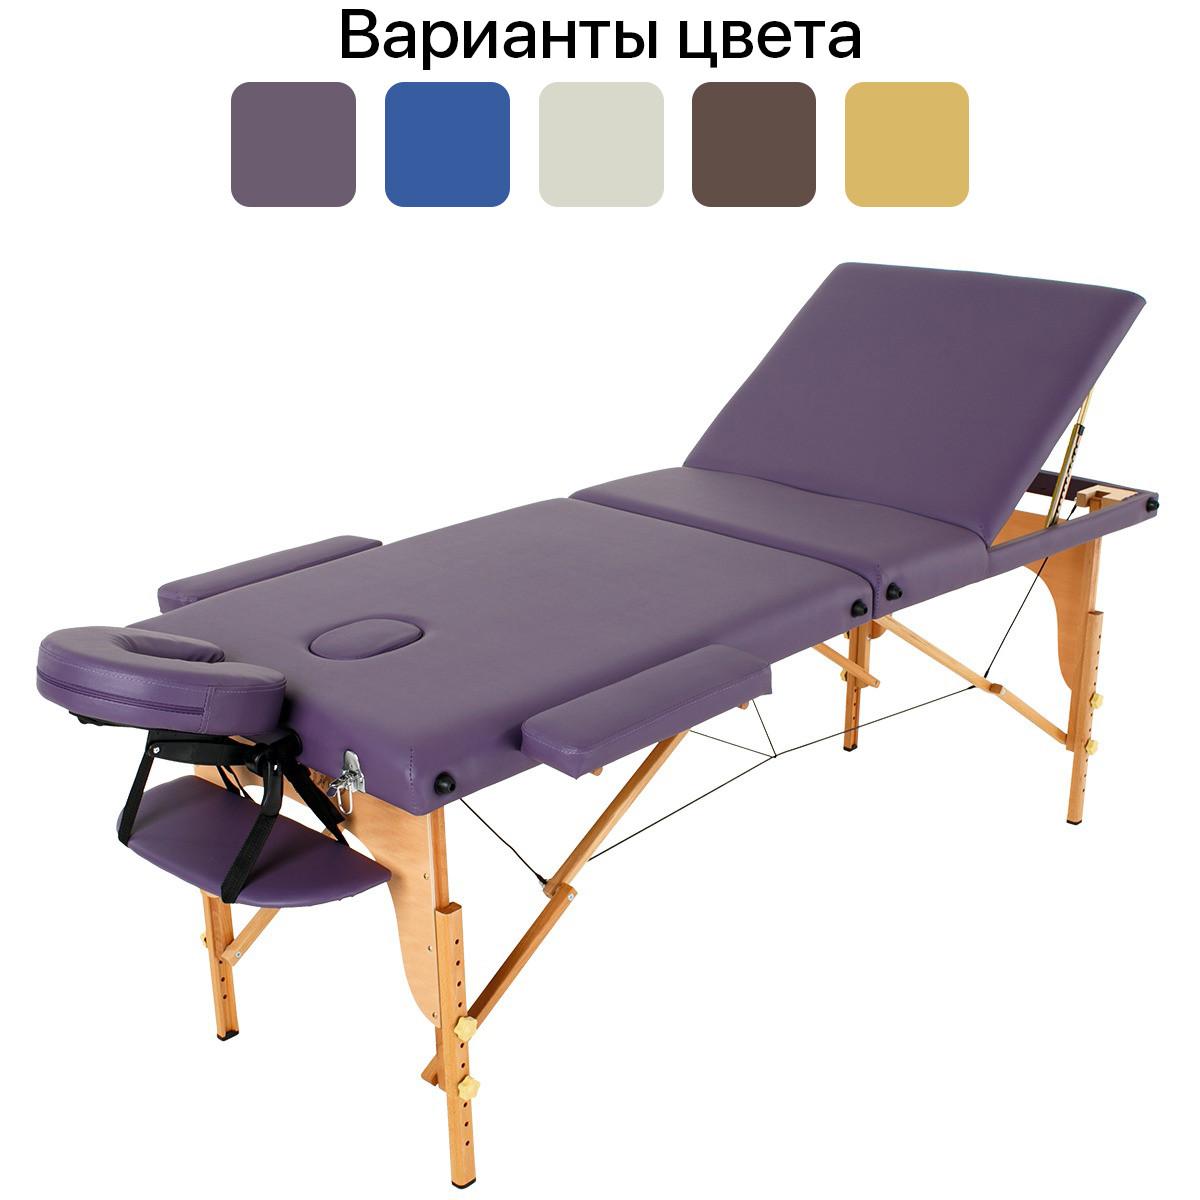 Массажный стол деревянный 3-х сегментный RelaxLine Barbados кушетка массажная для массажа